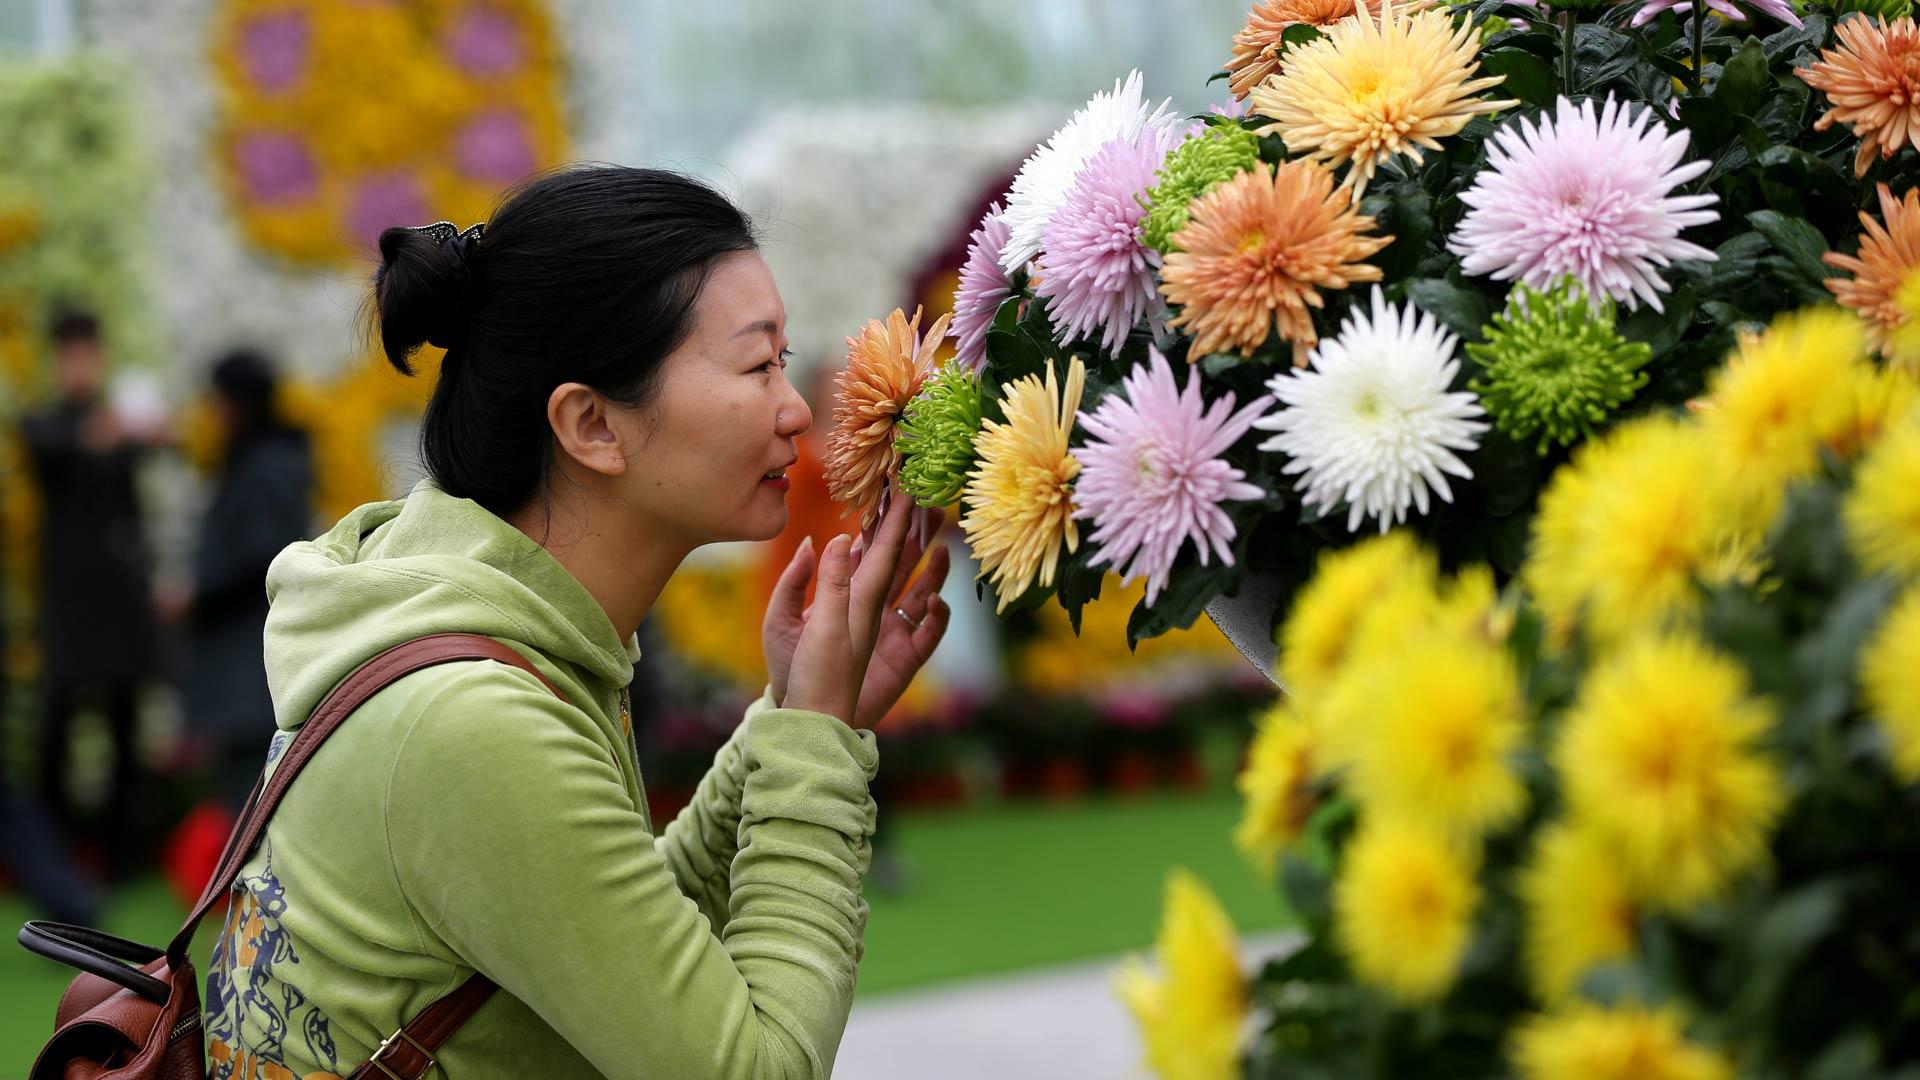 【大美中国】色彩斑斓的秋日童话 - 人在上海    - 中国新闻画报